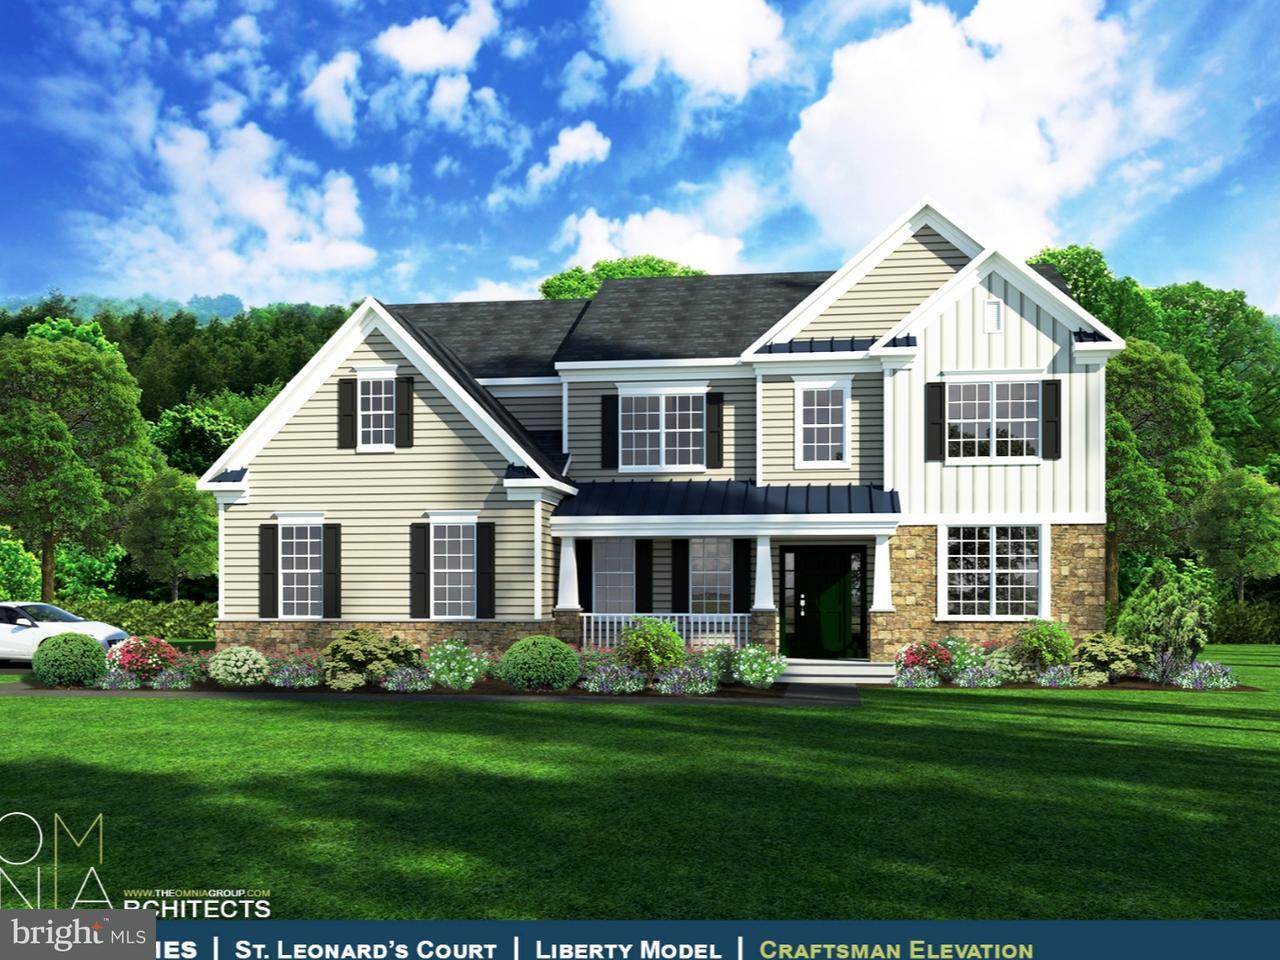 独户住宅 为 销售 在 4 QUINN CR 霍兰德, 宾夕法尼亚州 18966 美国